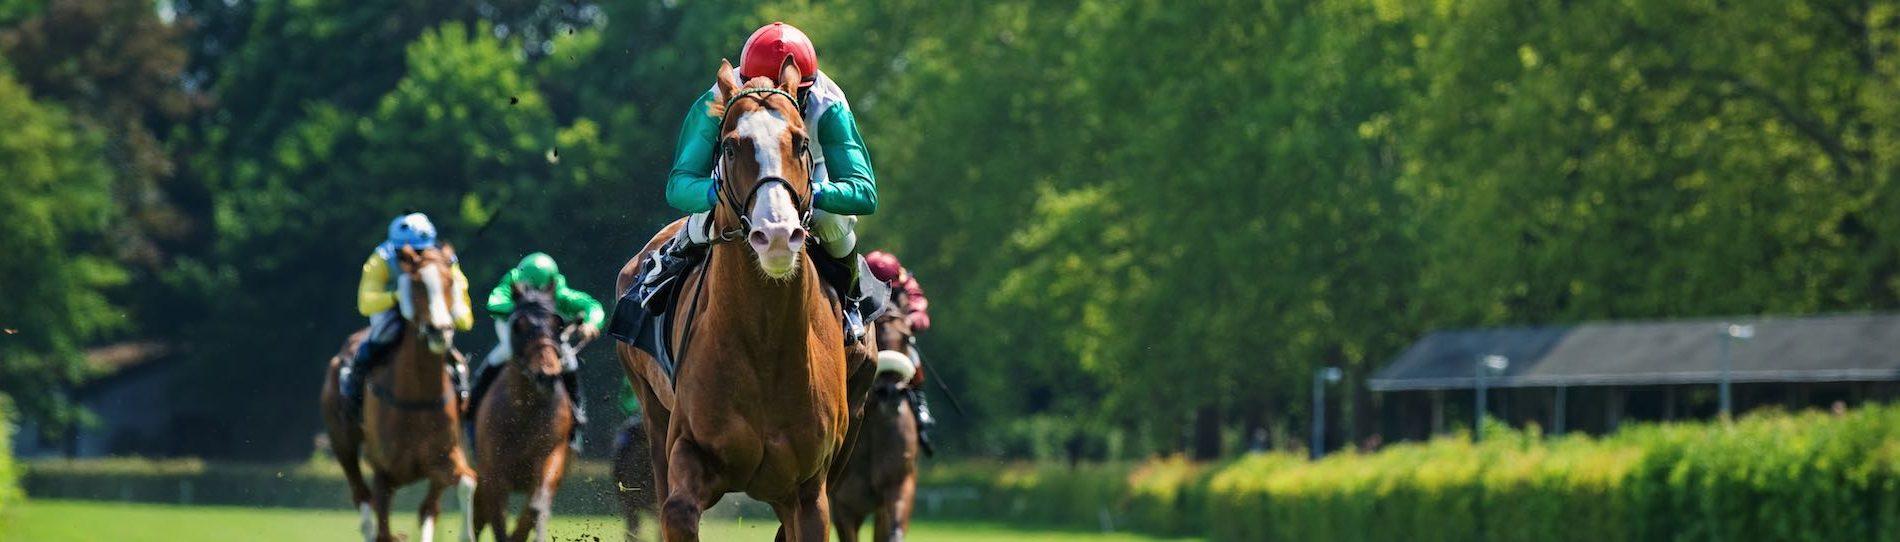 jockey racing horse